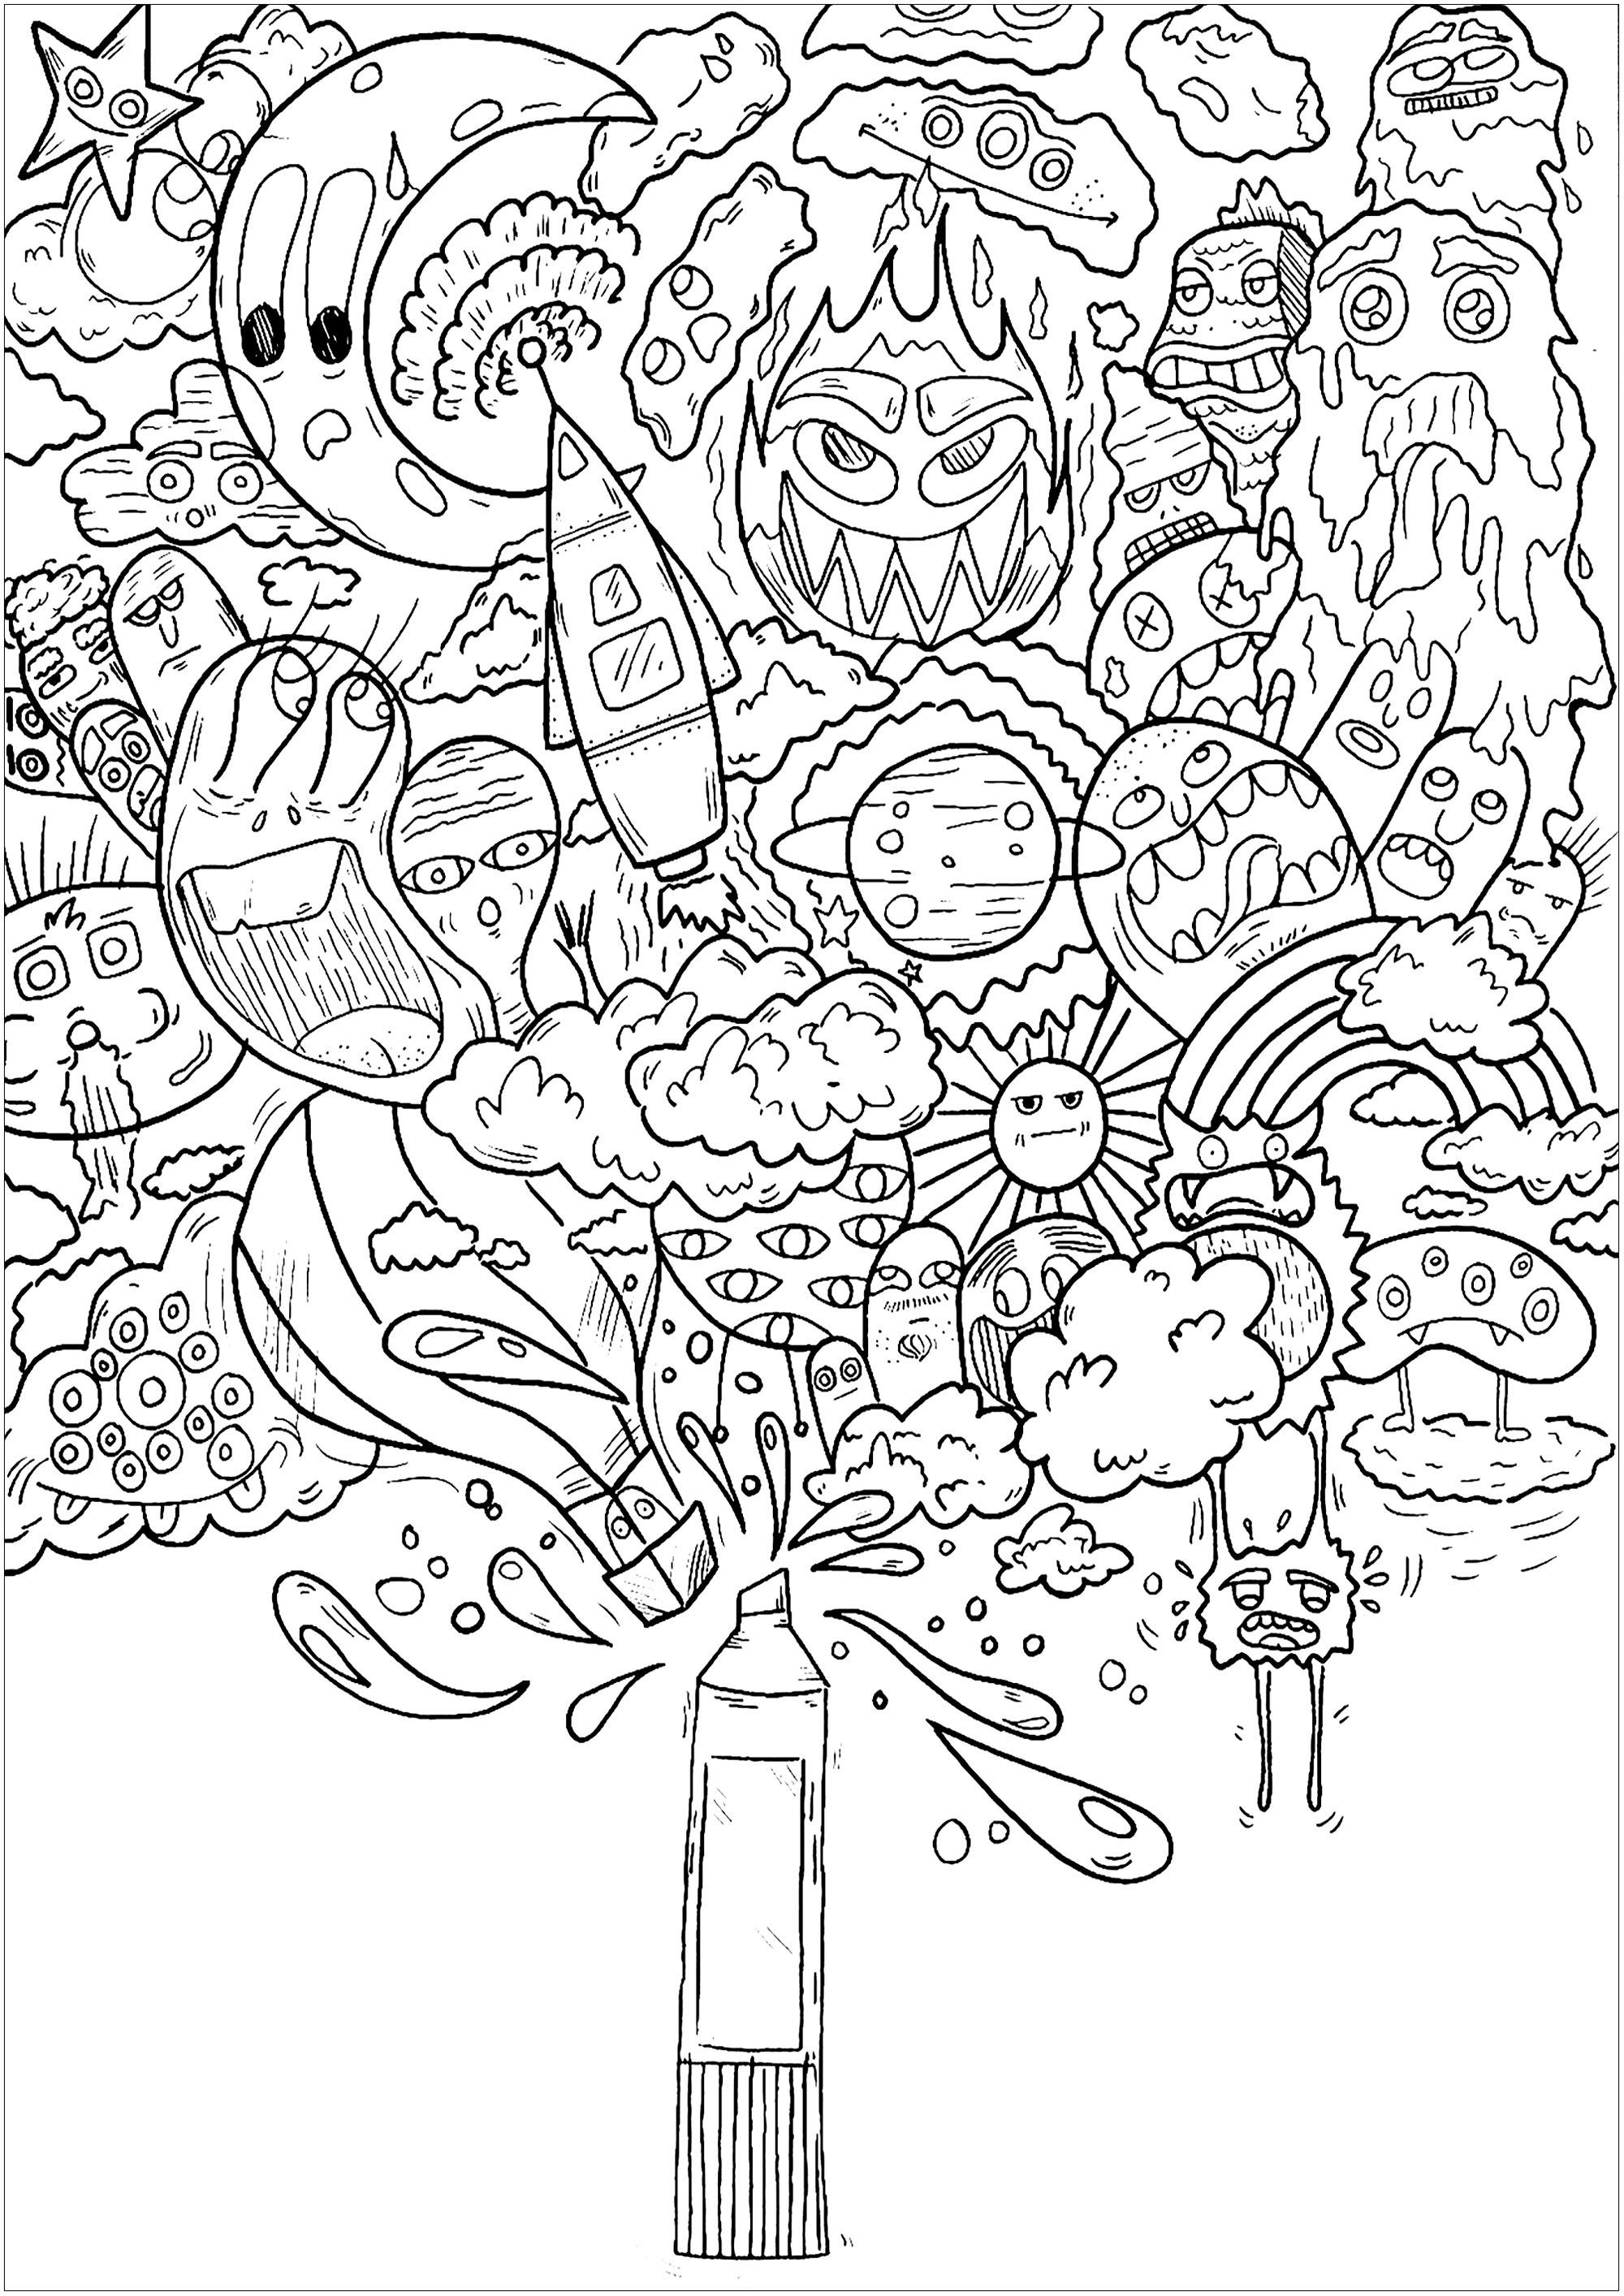 Colorear para Adultos : Doodle art / Doodling - 1